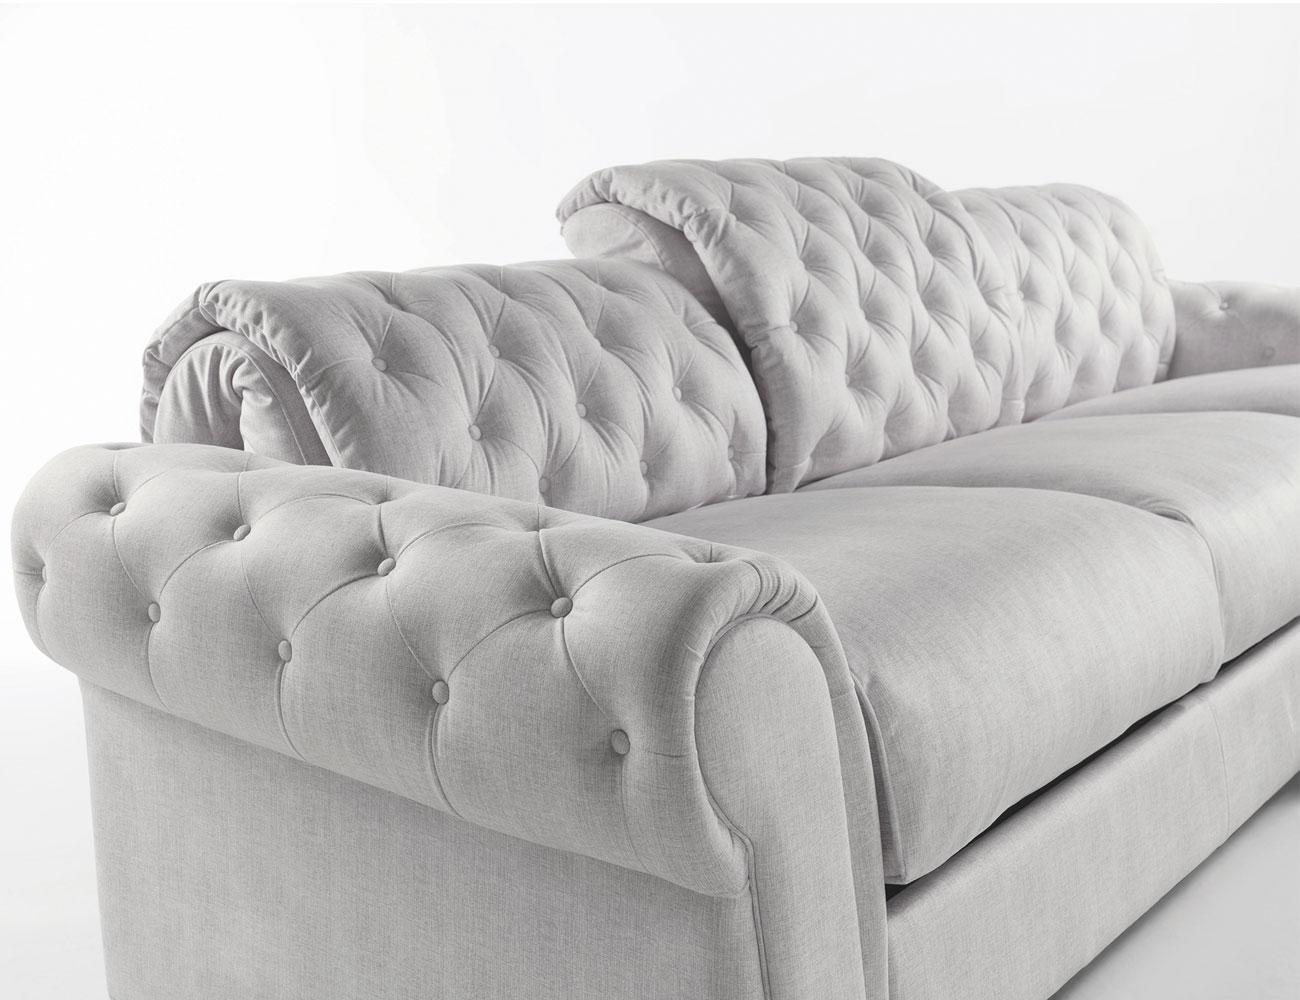 Sofa chaiselongue gran lujo decorativo capitone blanco tela 16